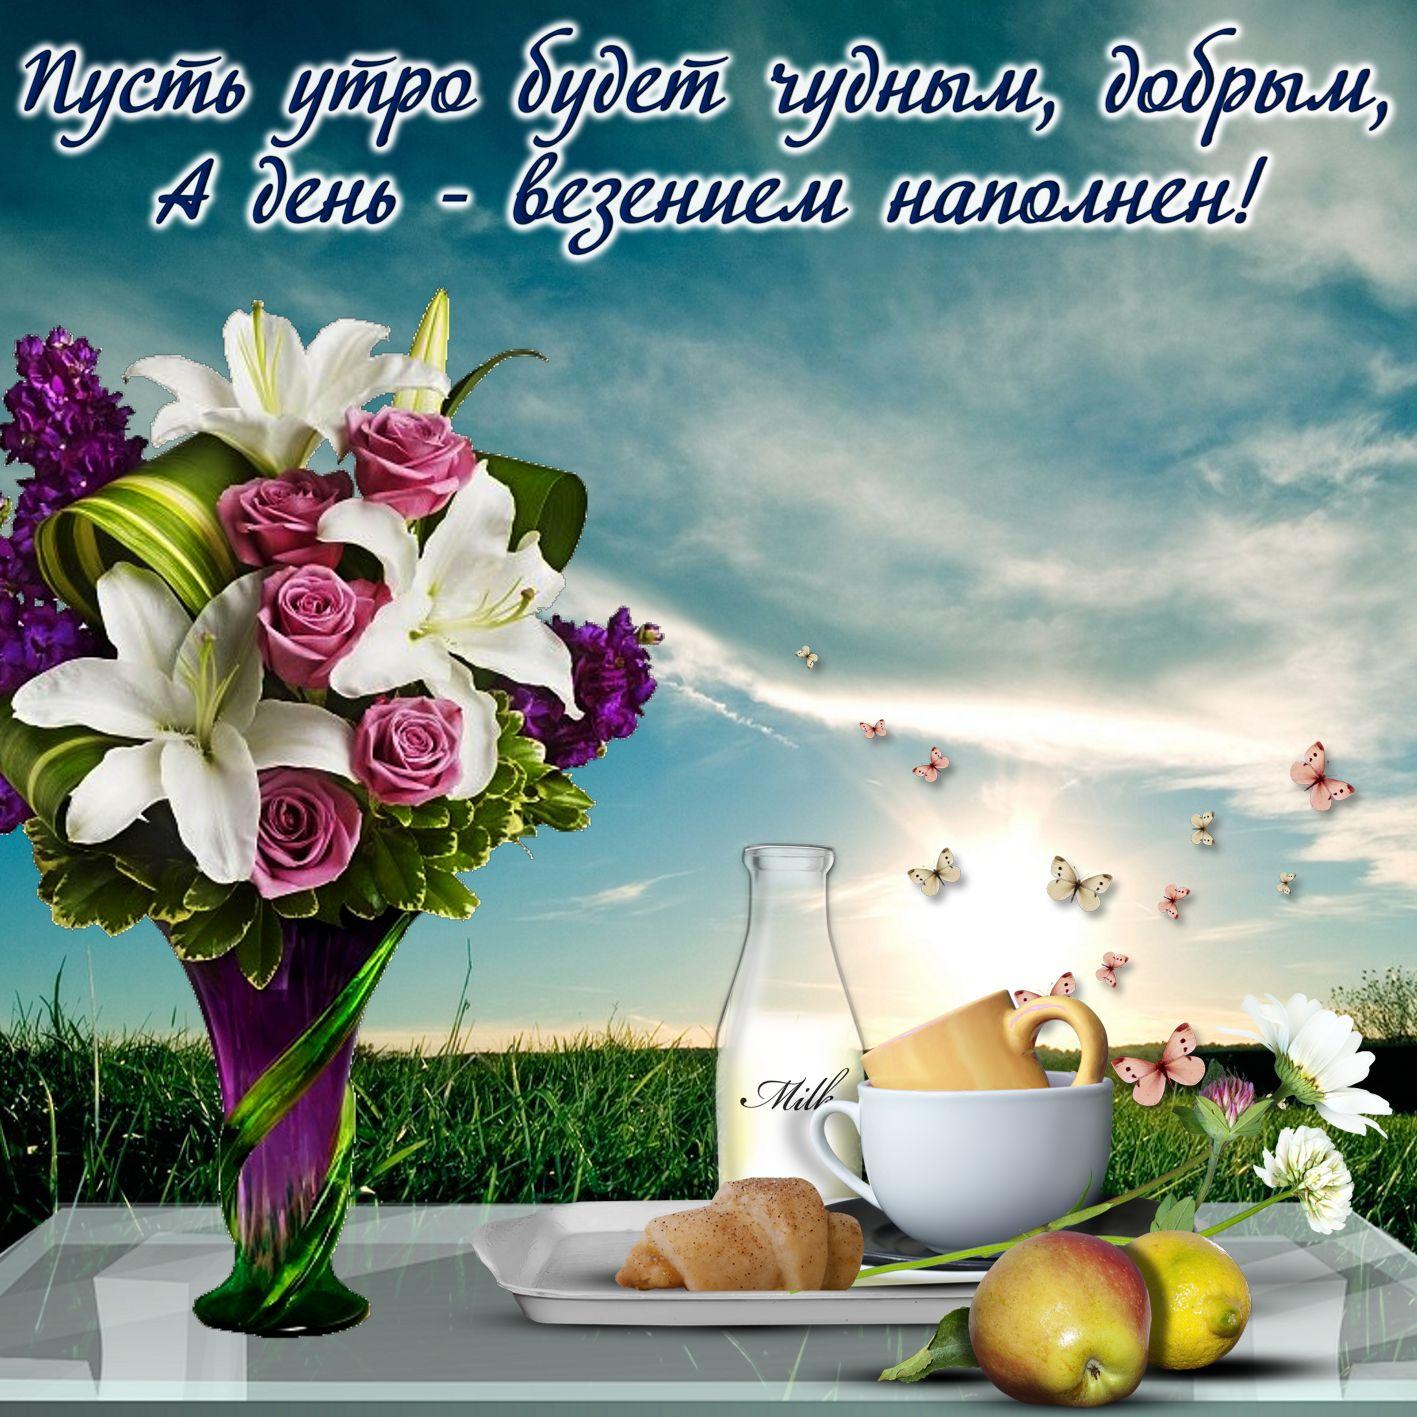 частности, где доброе утро и чудесного дня картинки вдв россии такого